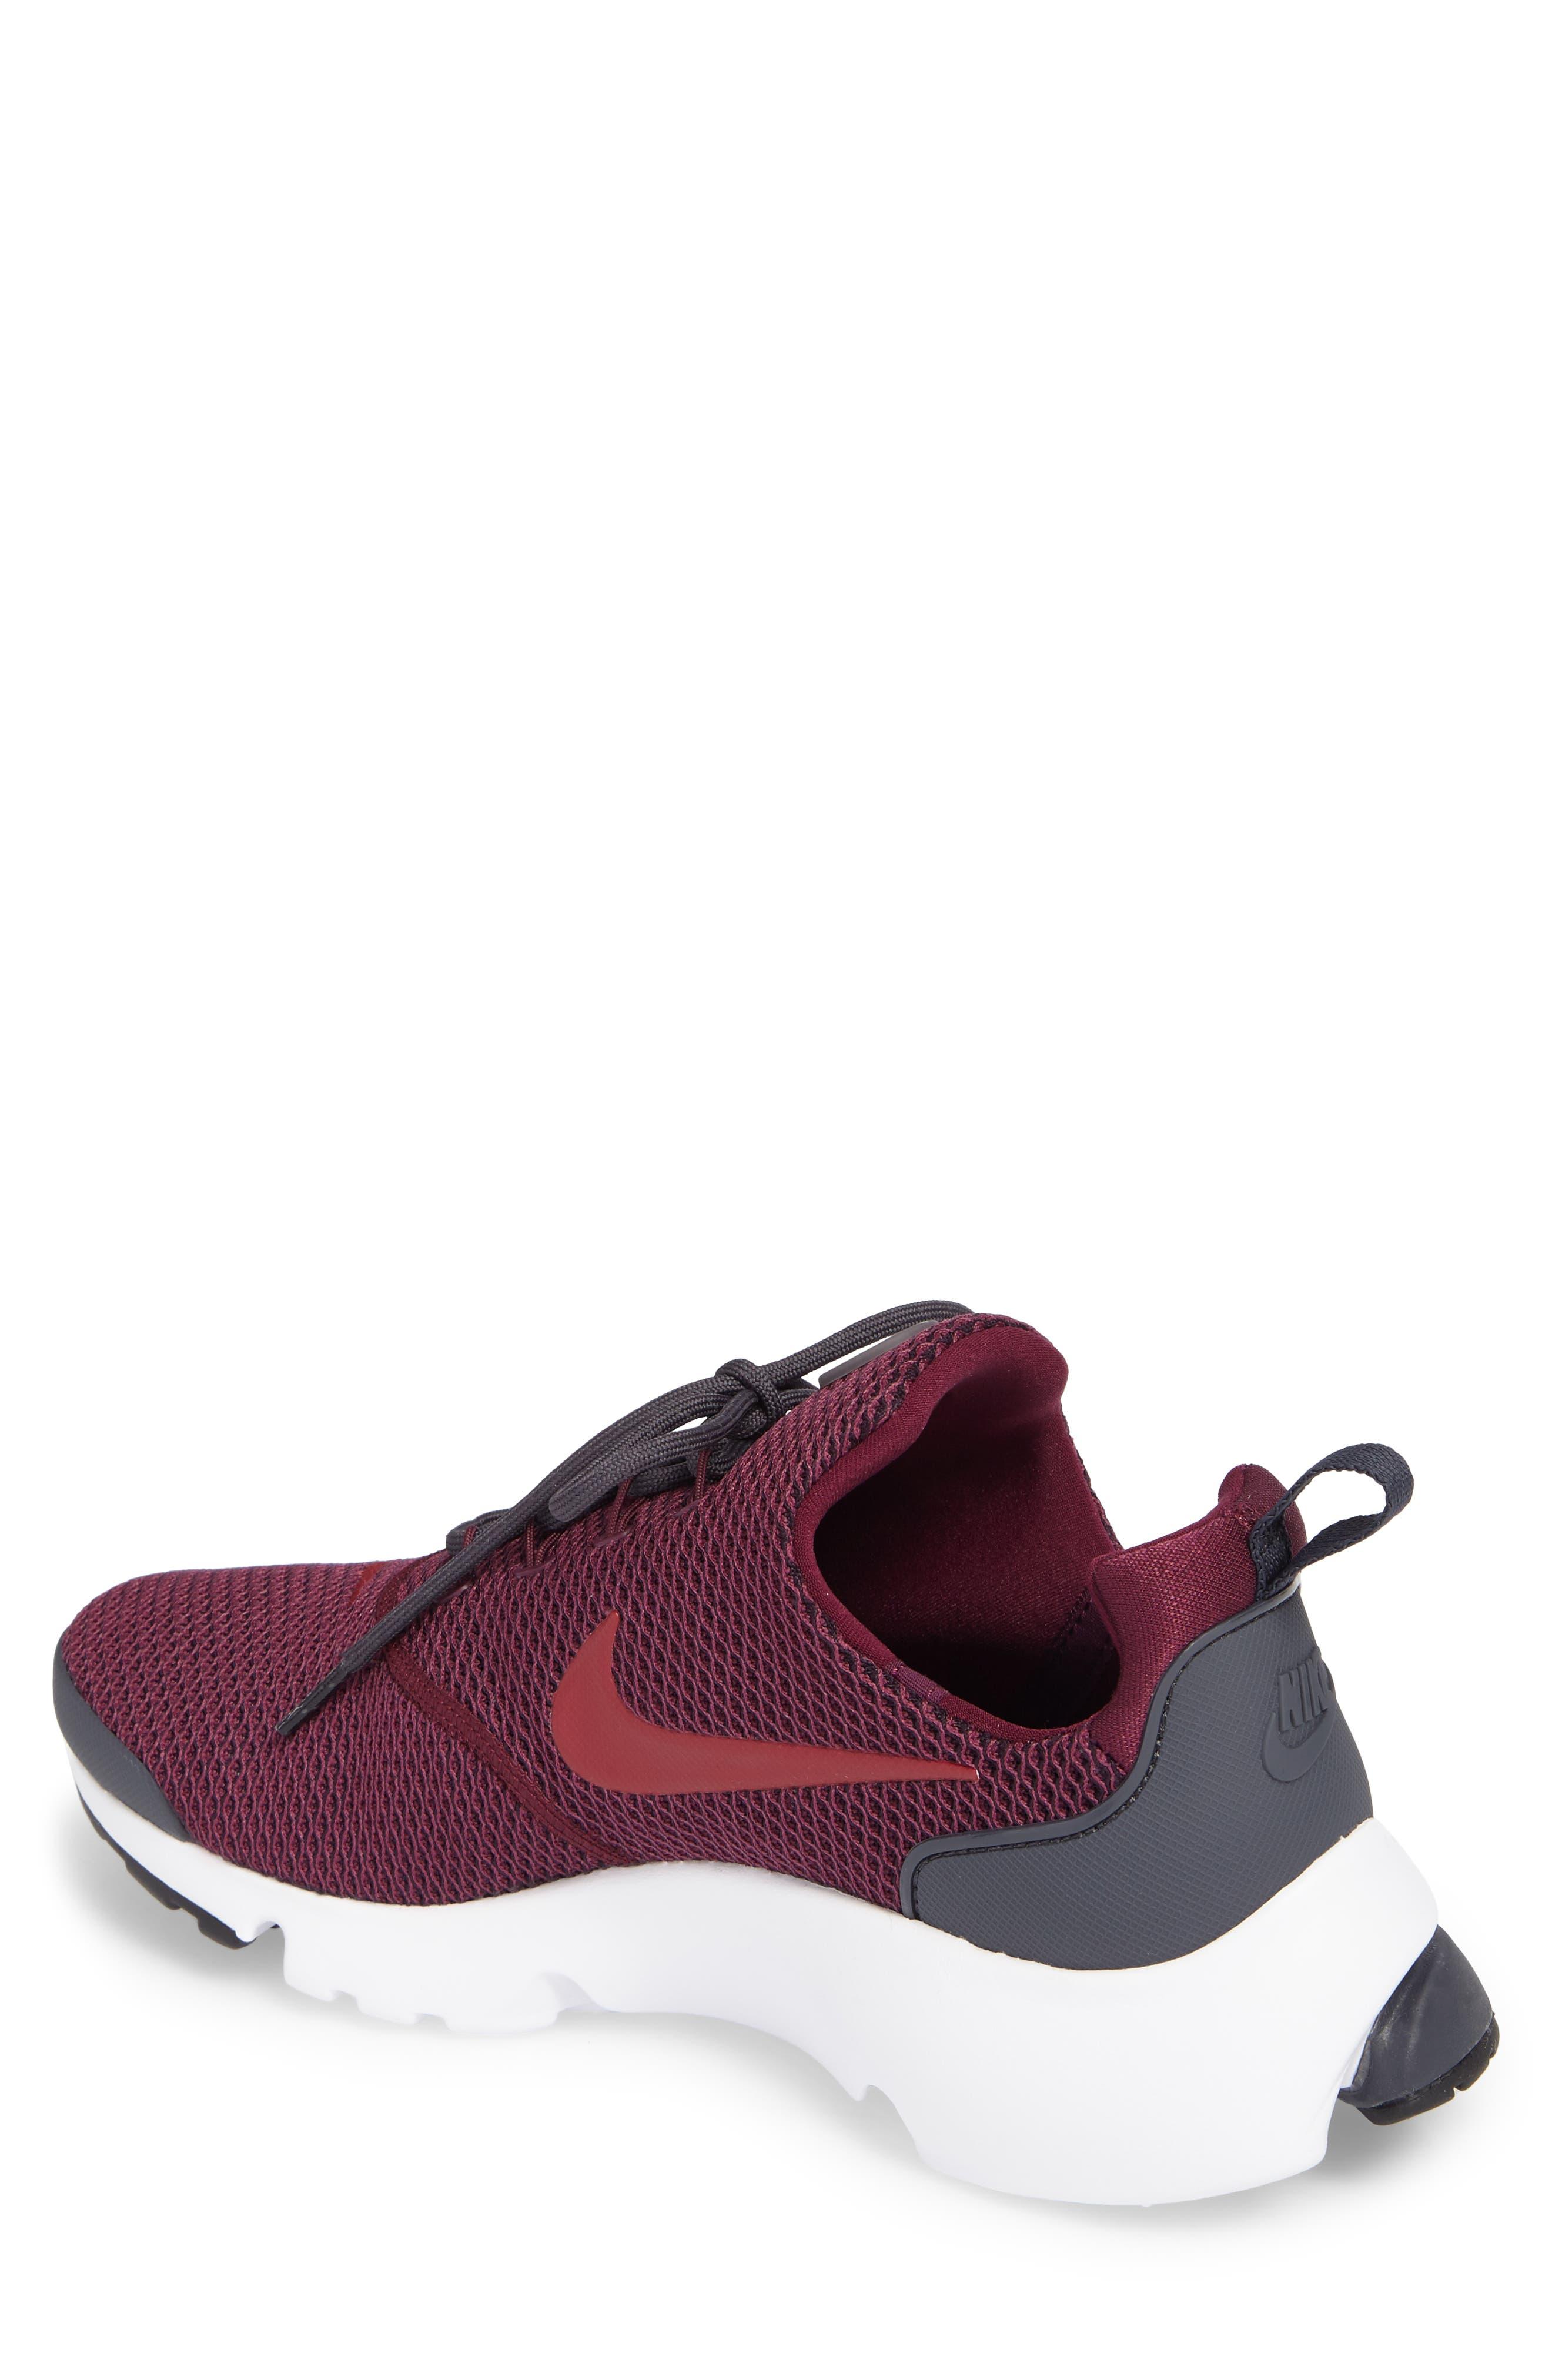 Alternate Image 2  - Nike Presto Fly SE Sneaker (Men)